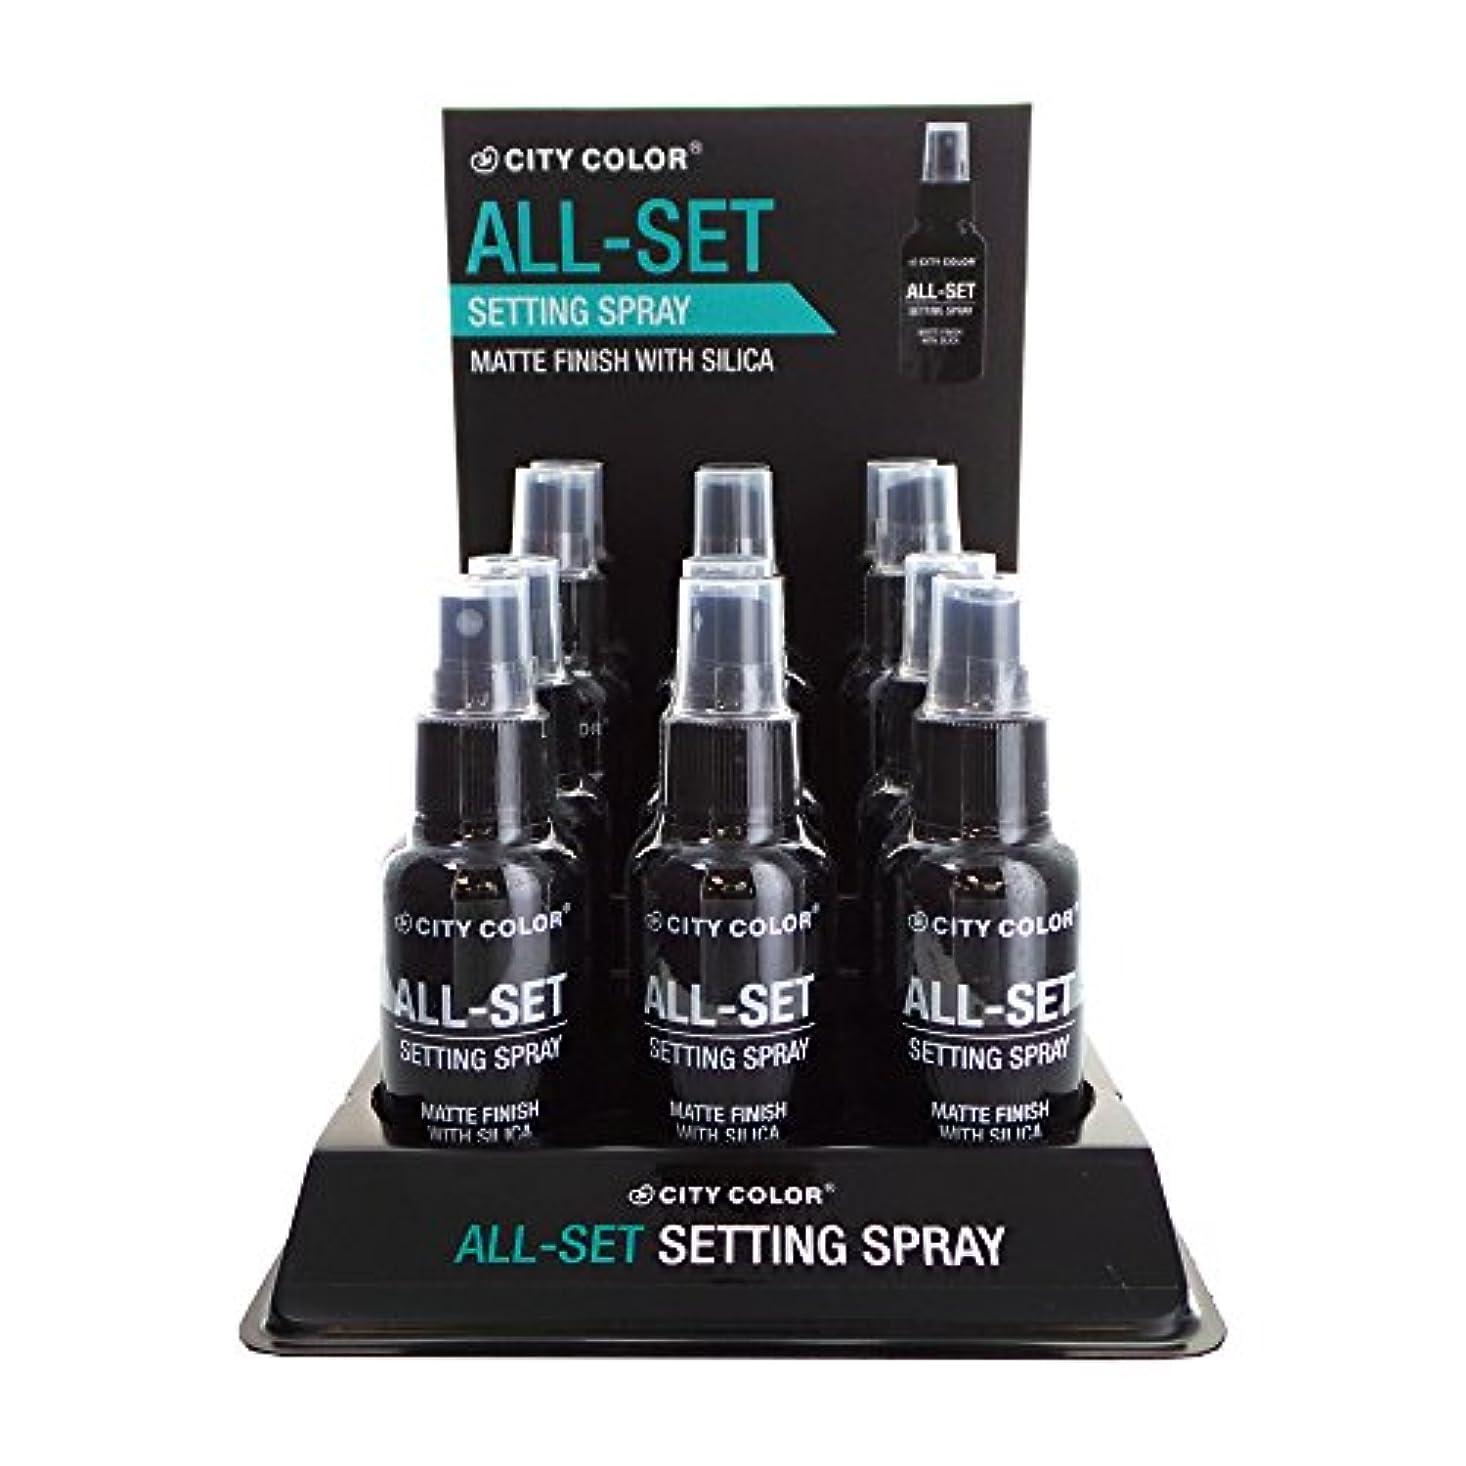 分析的な知っているに立ち寄る失礼なCITY COLOR All-Set Setting Spray Display Set, 12 Pieces (並行輸入品)